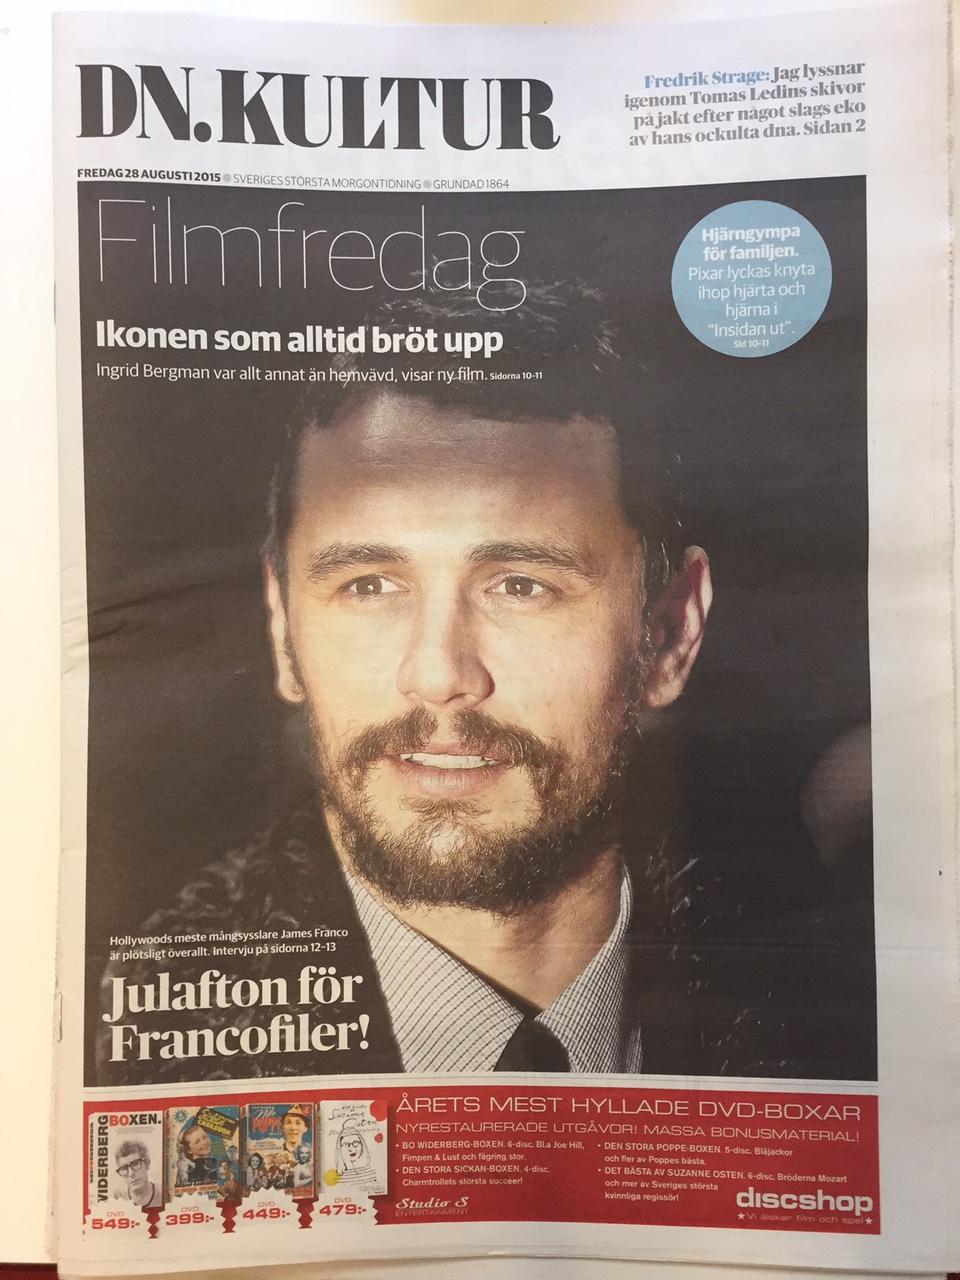 James Franco på omslaget - DN Kultur.JPG